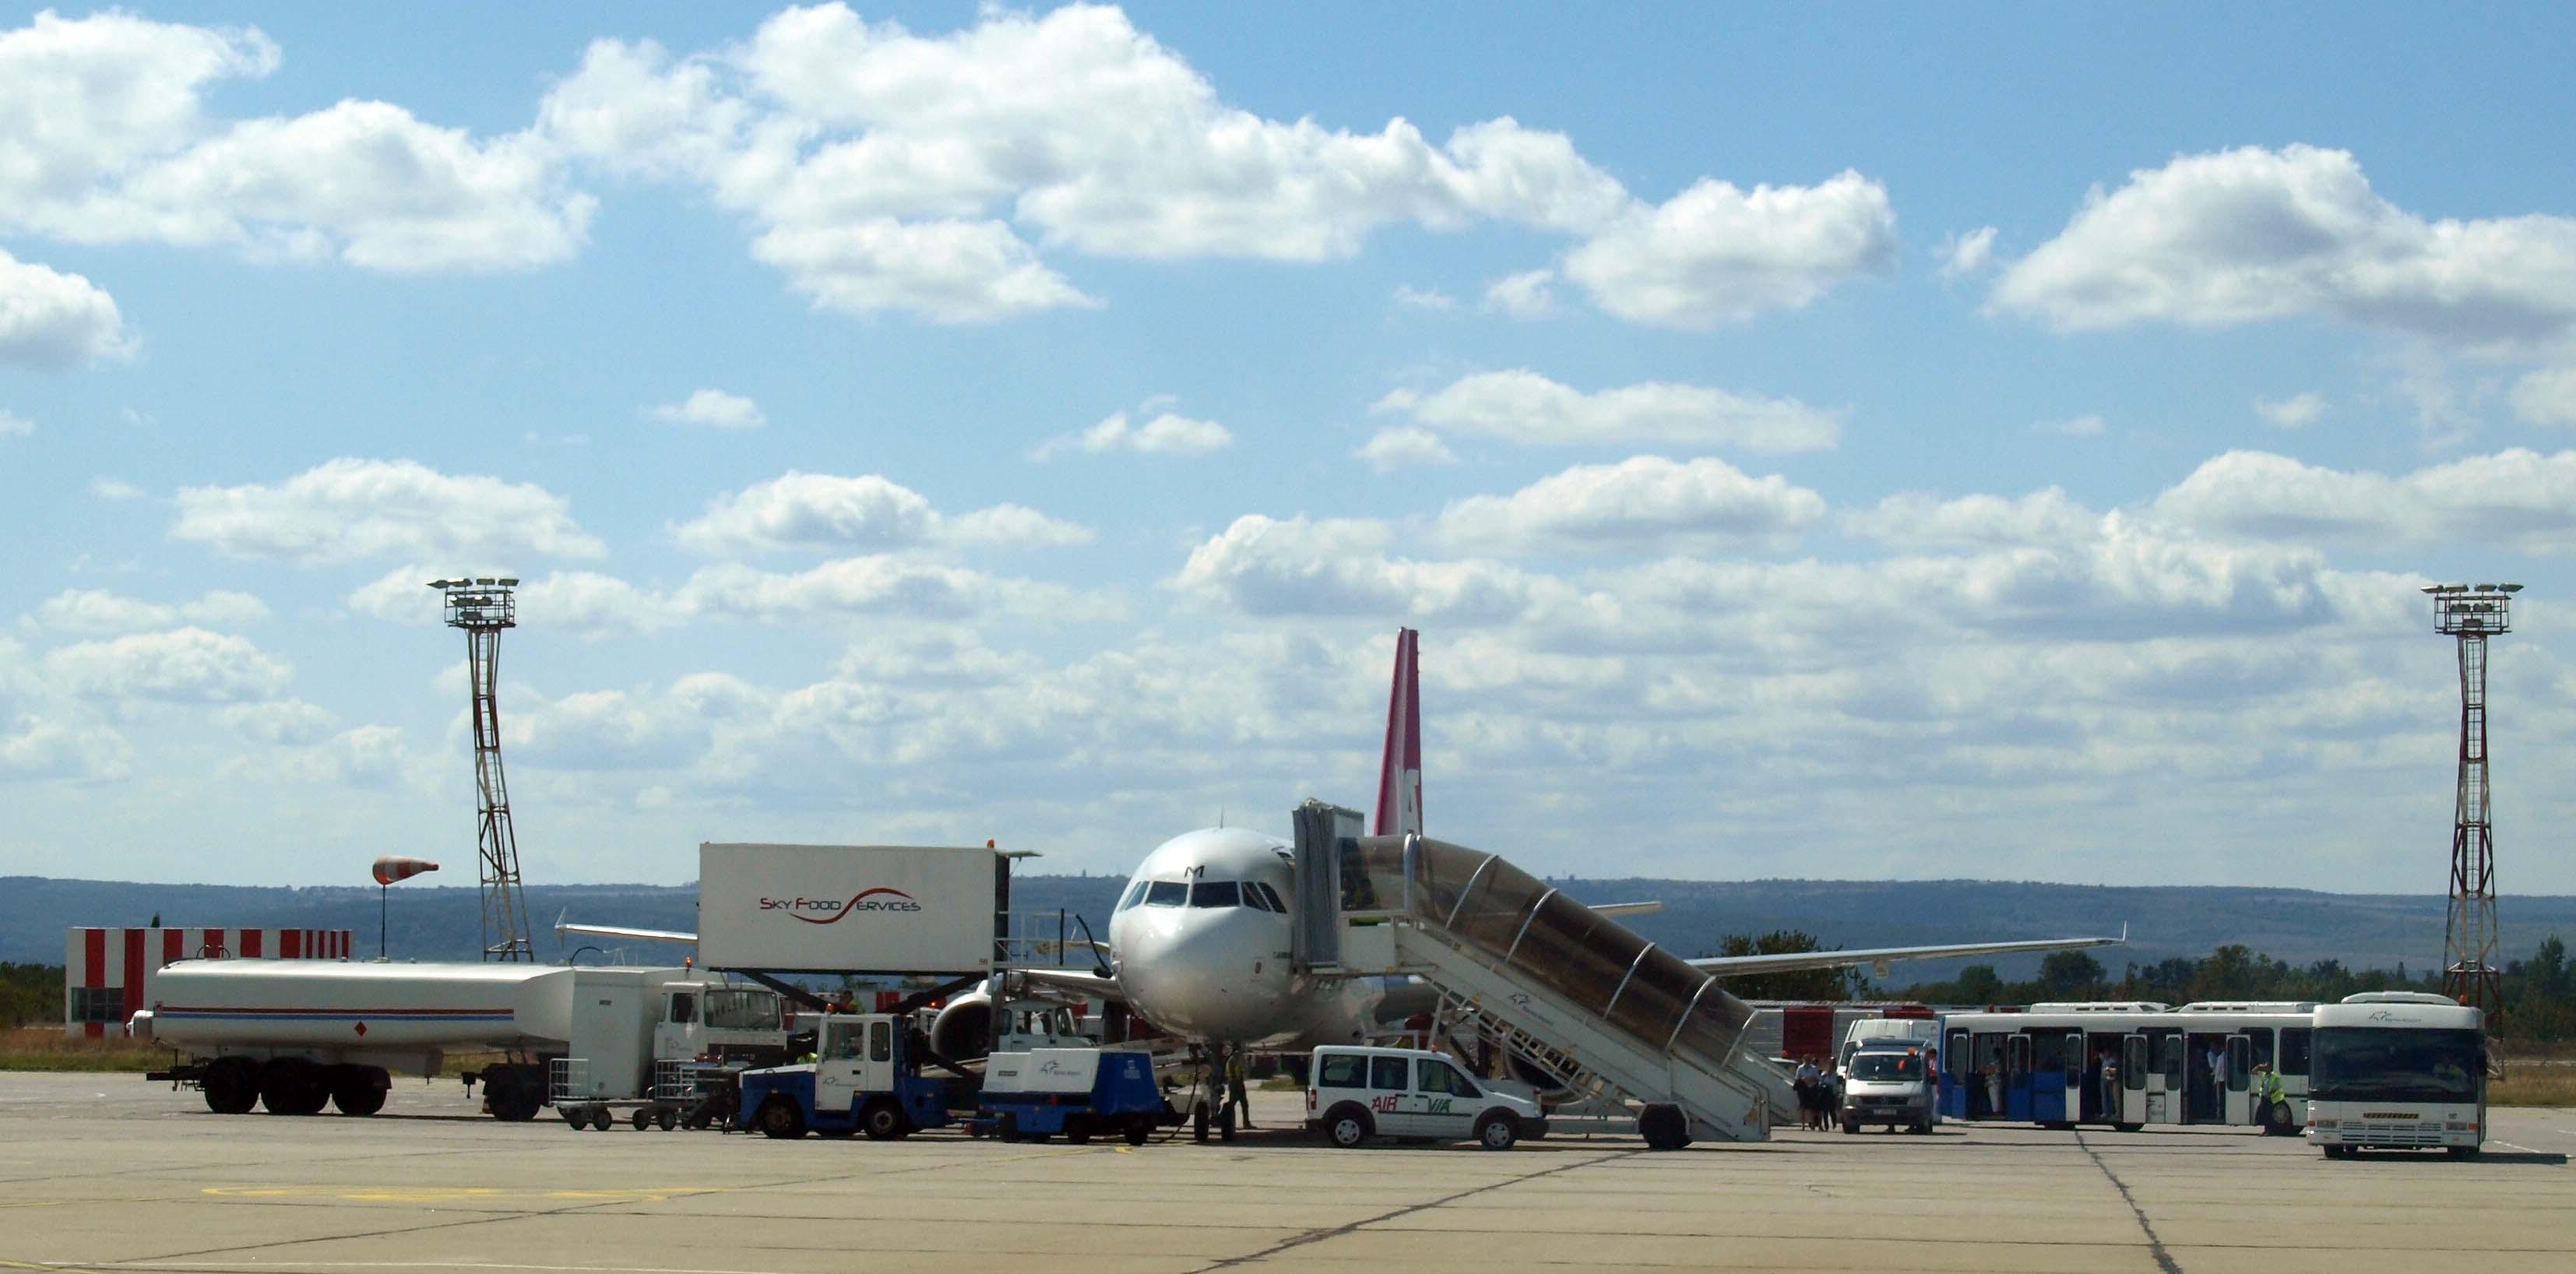 Летищата в България отчитат рекорден трафик през последните години